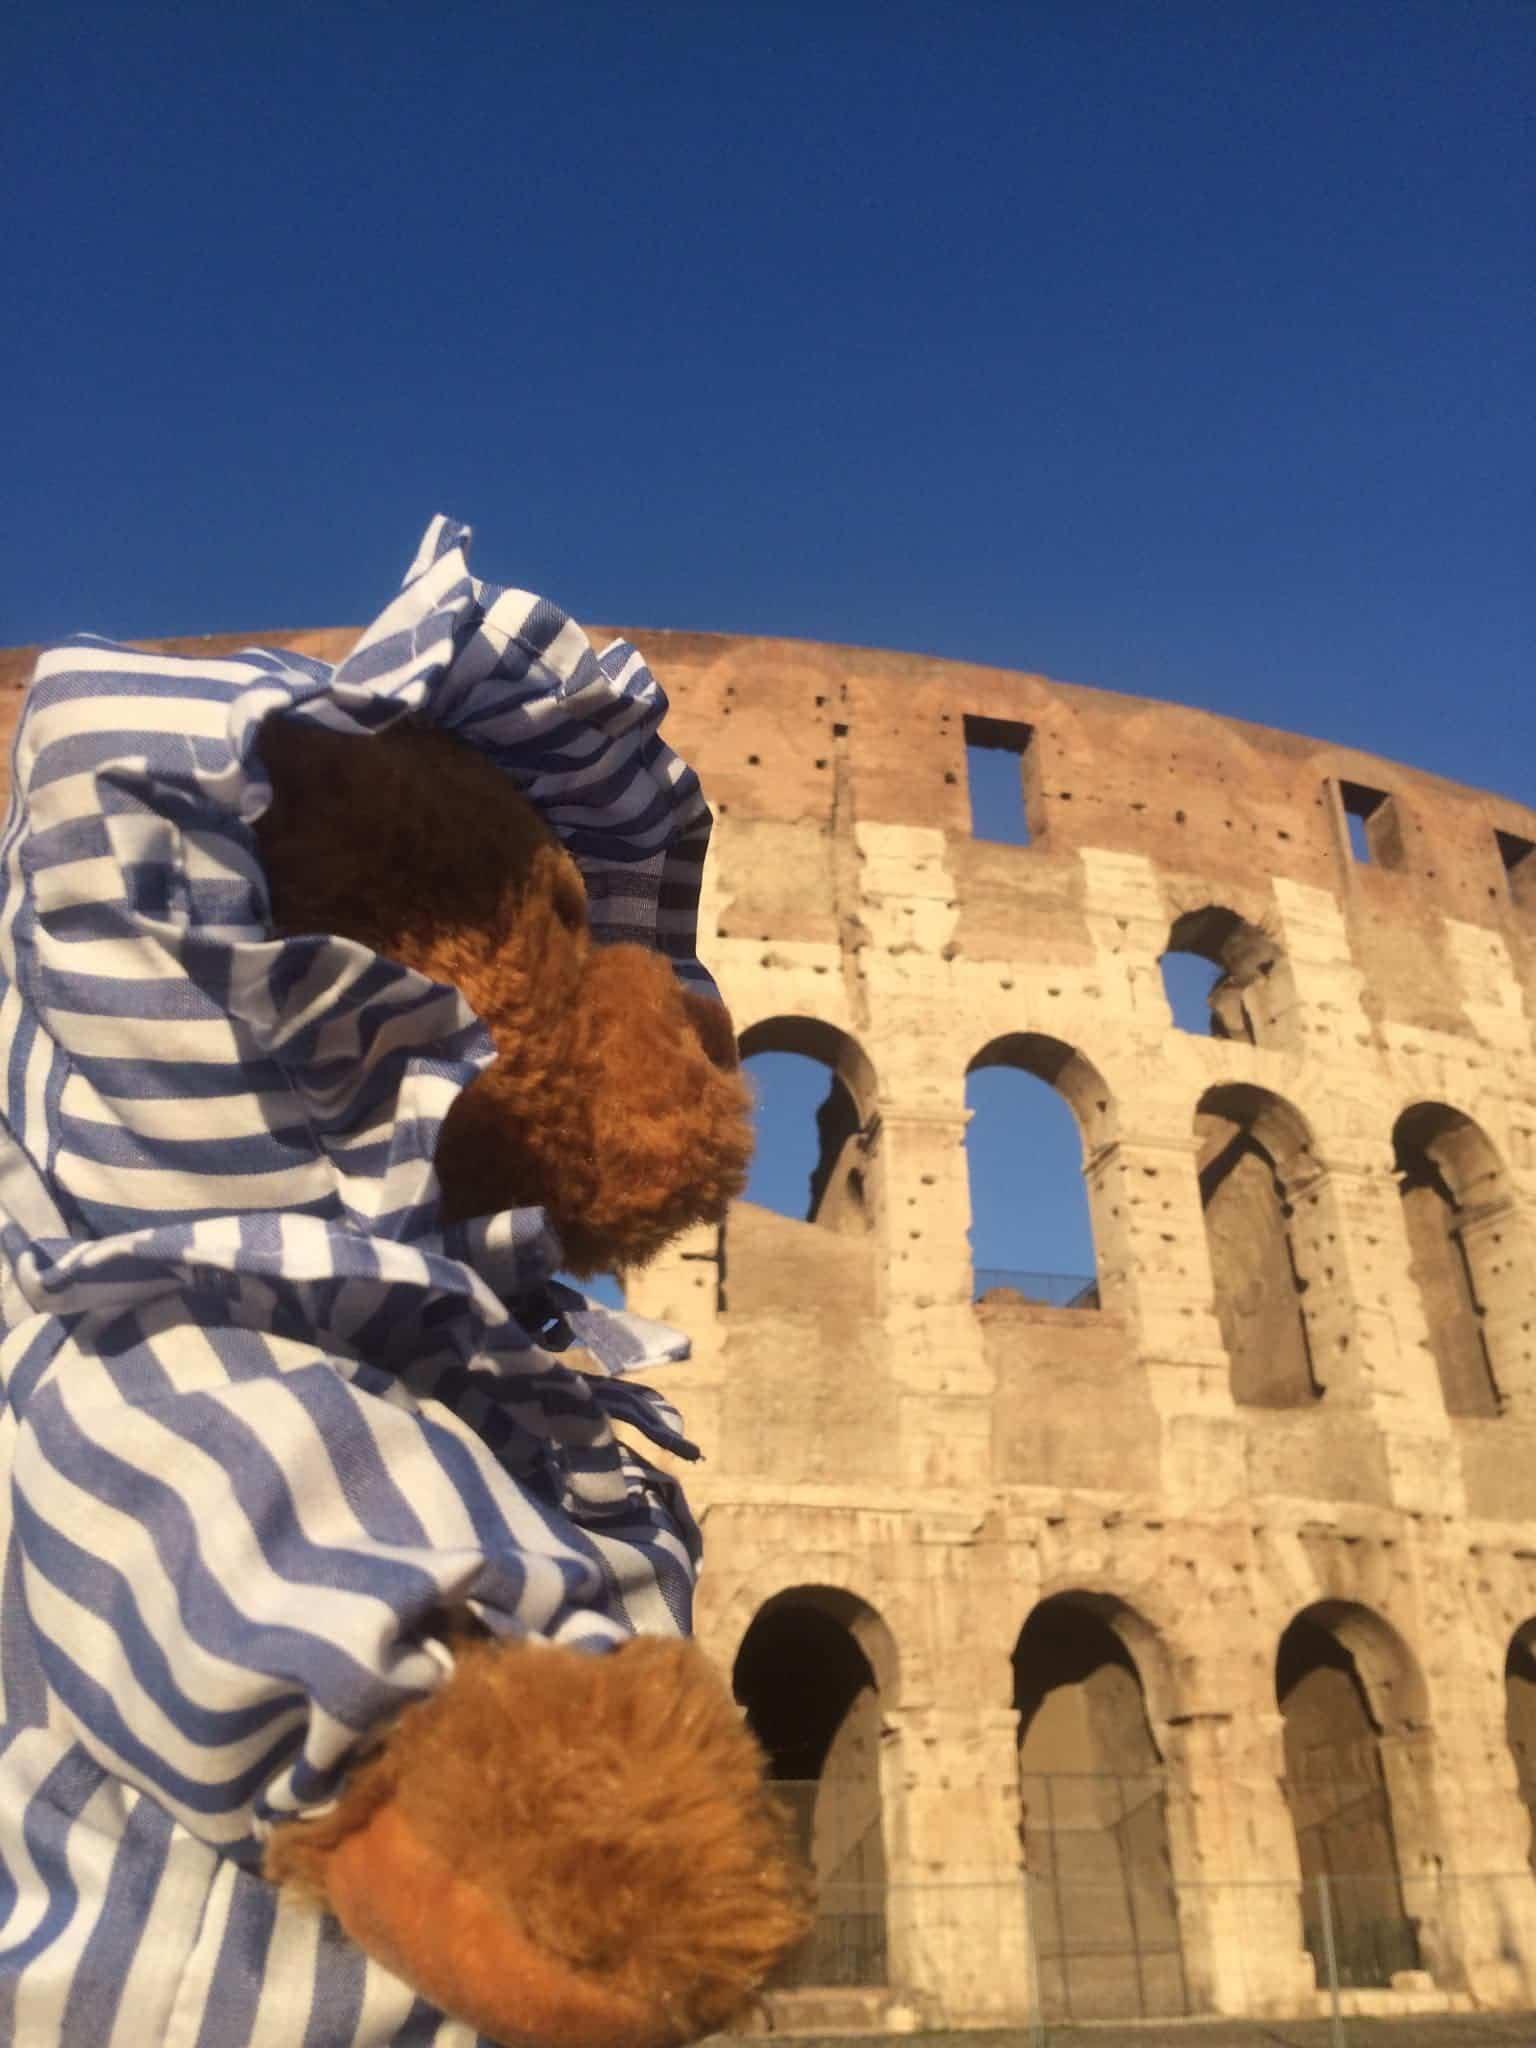 Osito en el Coliseo de Roma - ¿Qué hacen 5 ositos de peluche vestidos de Perlé viajando por el mundo?